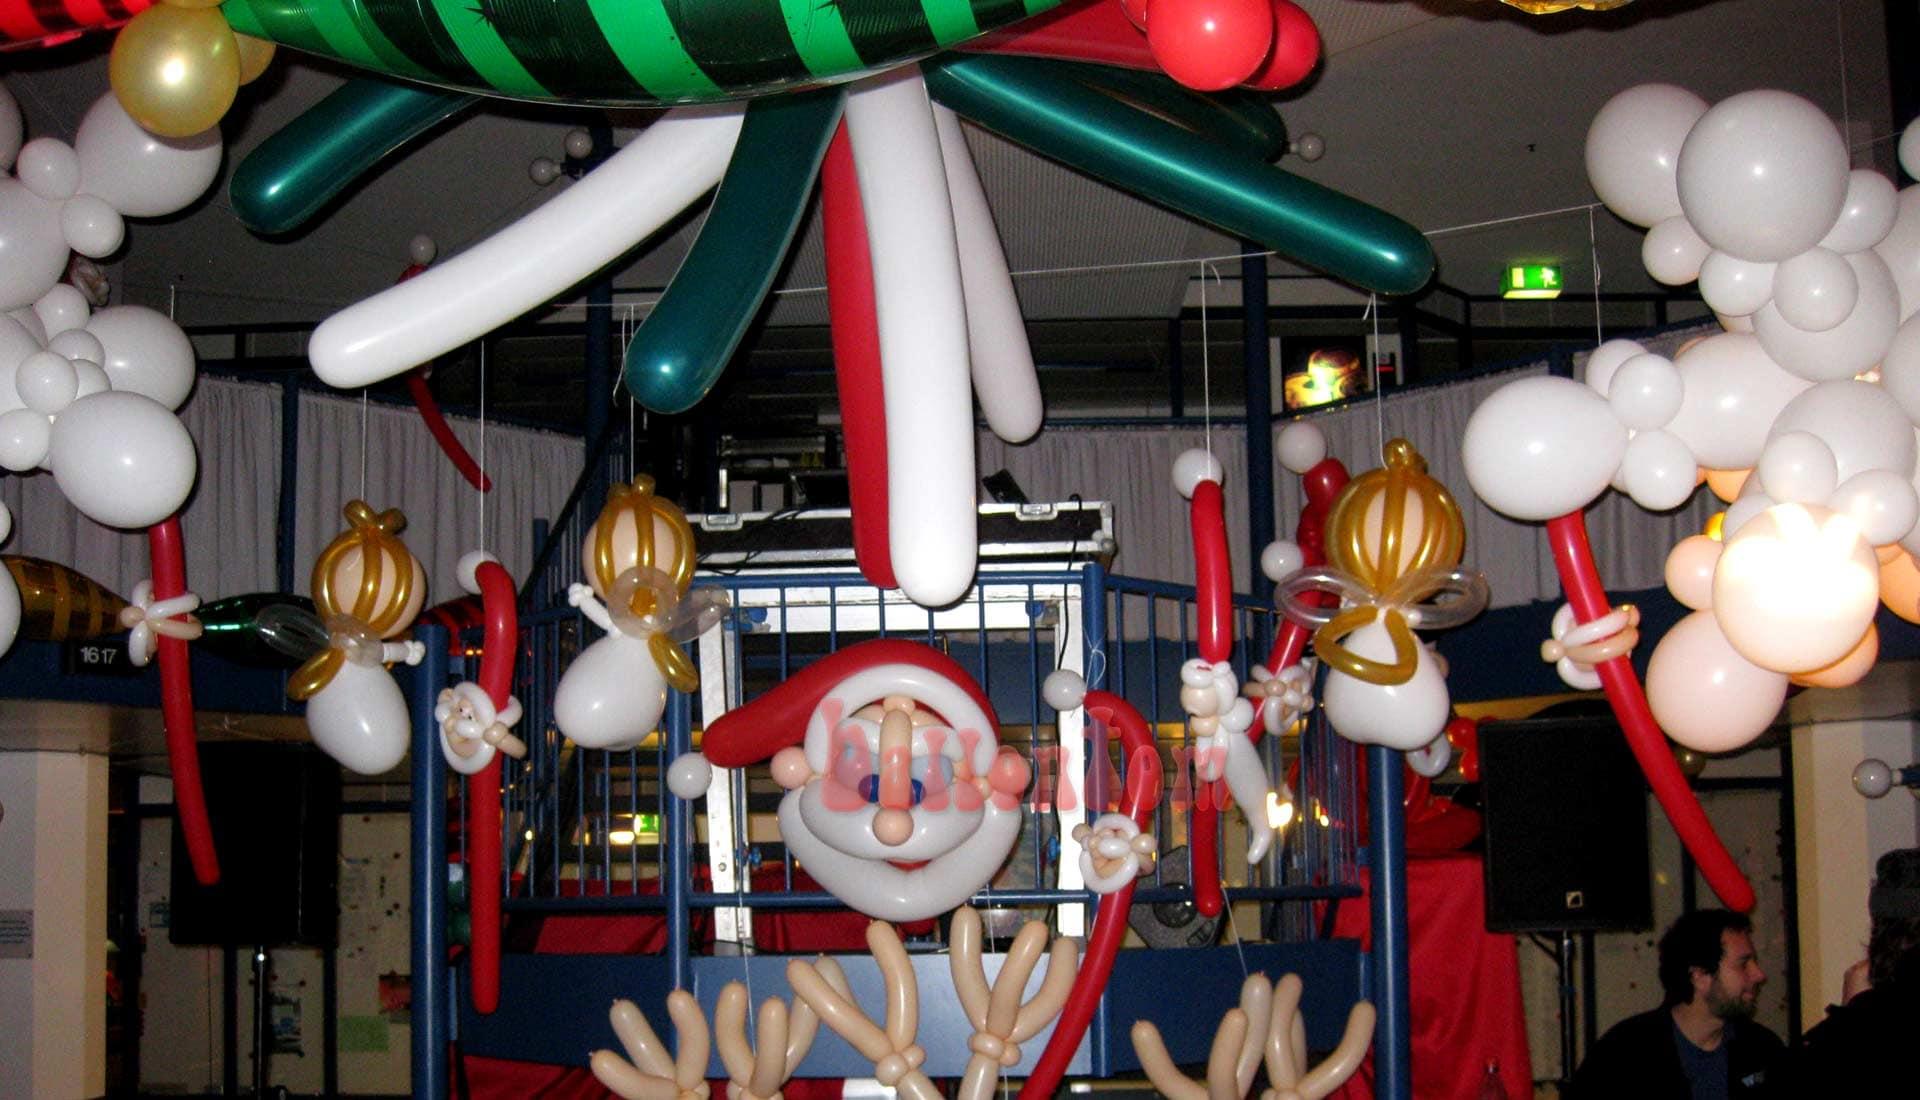 Weihnachtsdekoration für eine Weihnachtsfeier in München